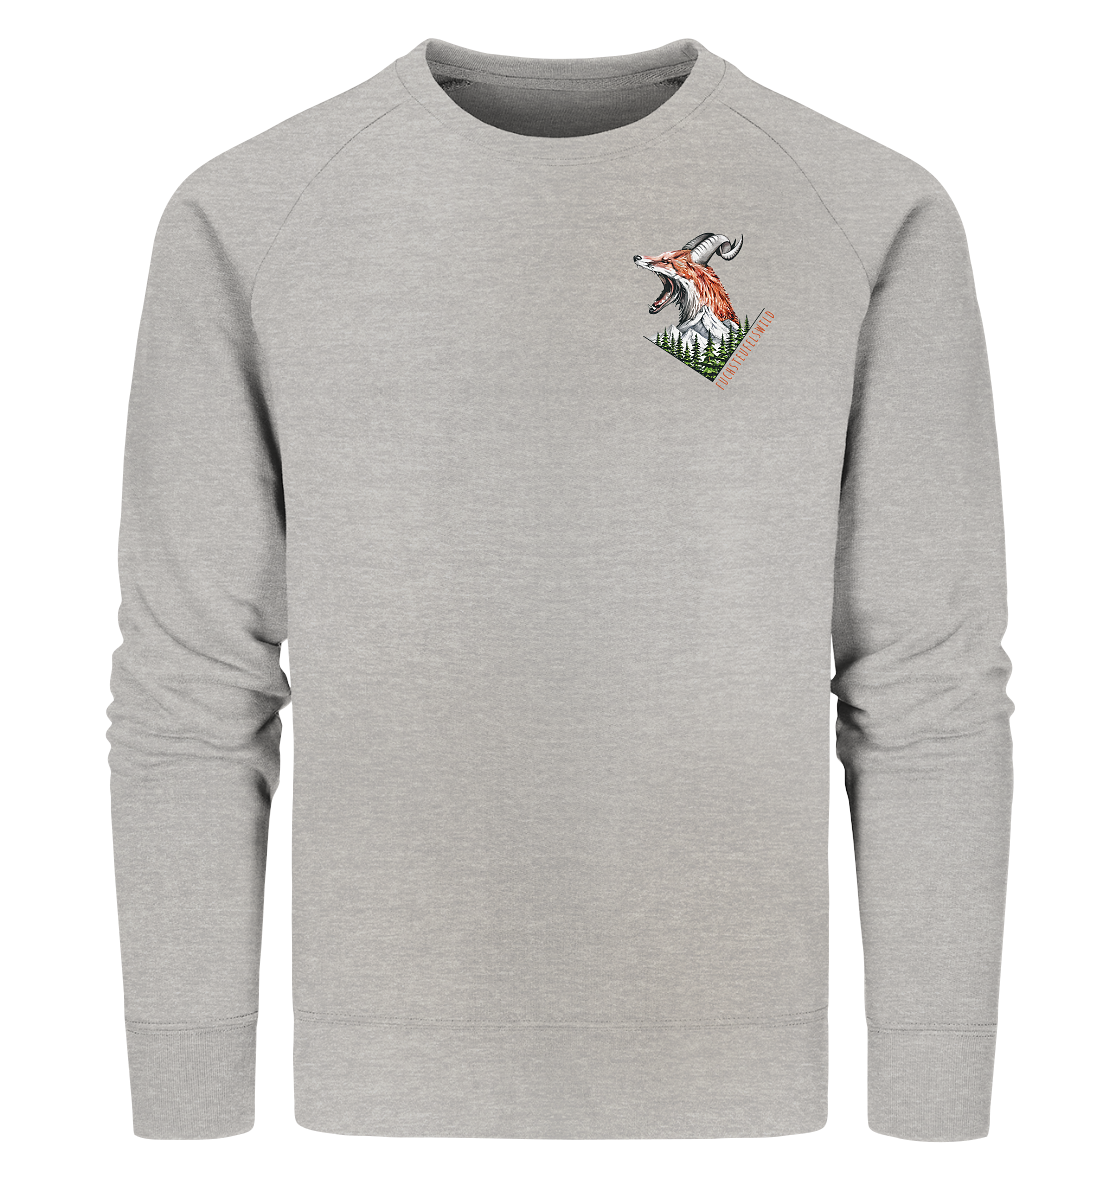 front-organic-sweatshirt-c2c1c0-1116x-2.png